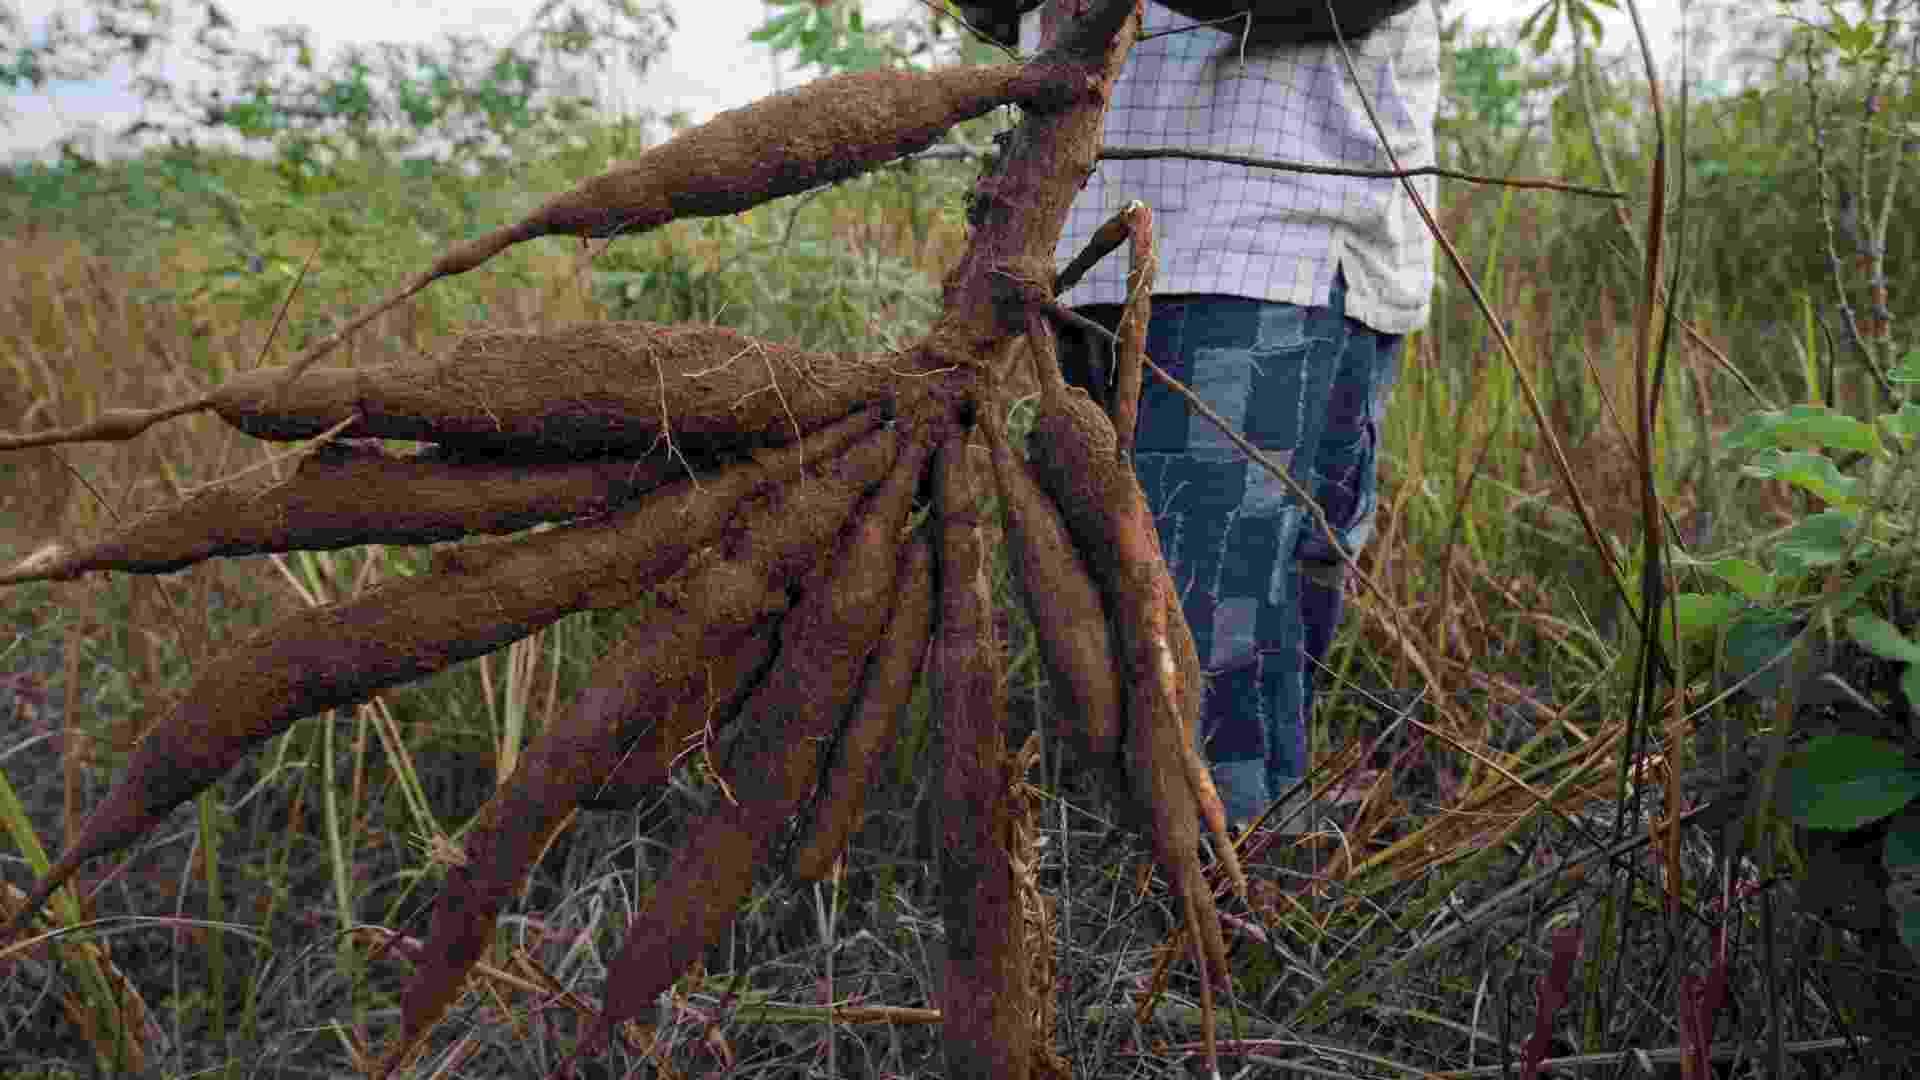 """28.mai.2013 - Um novo modelo de agricultura pode aumentar de maneira sustentável os rendimentos gerados pelo cultivo da mandioca em 400%, segundo a FAO (Organização das Nações Unidas para a Alimentação e a Agricultura). Para o órgão, o tubérculo com """"grande potencial"""" pode substituir o trigo e se transformar no principal cultivo do século 21 - AFP"""